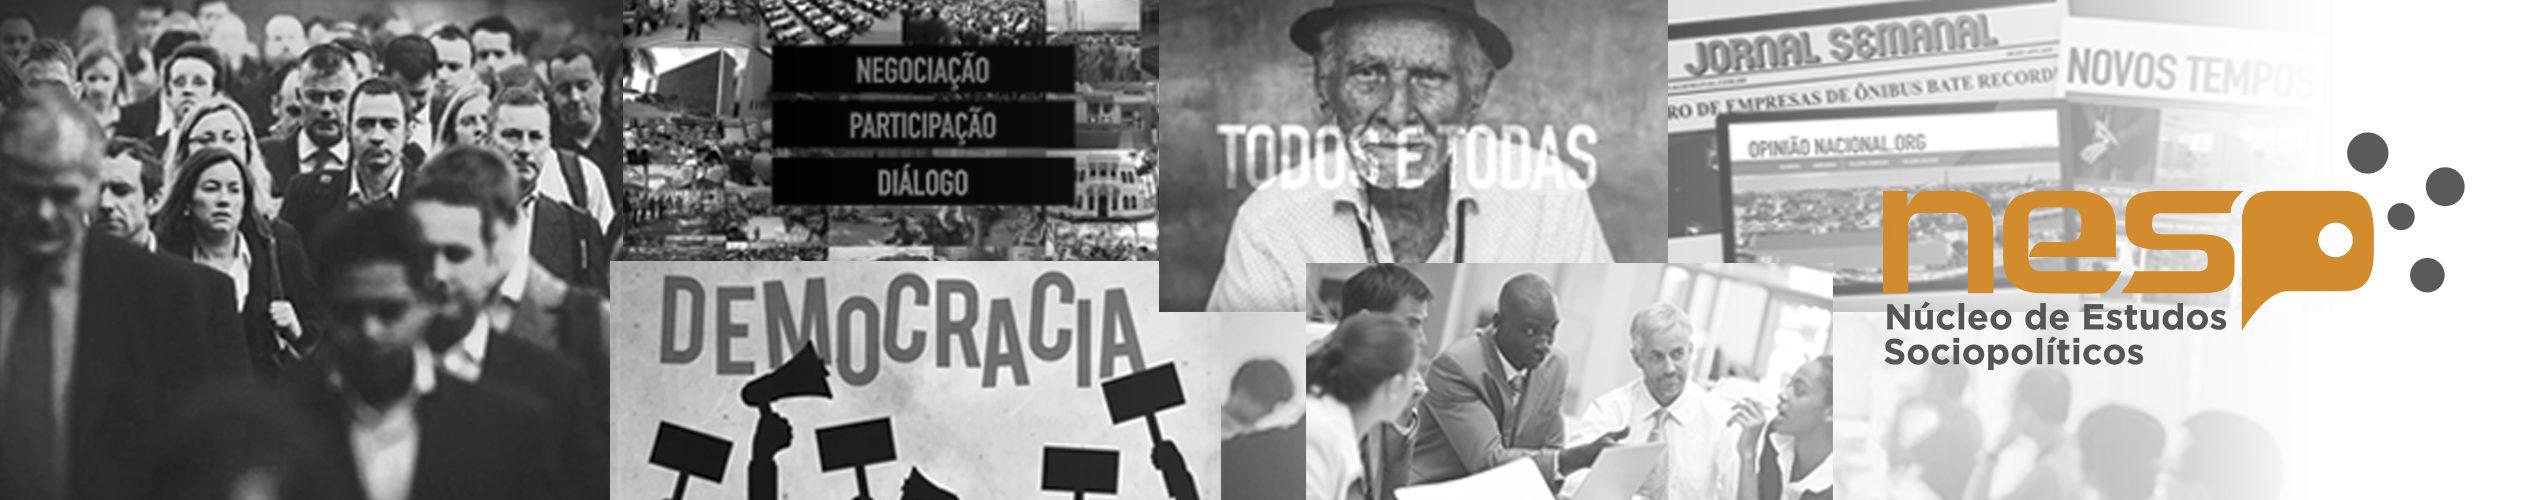 Núcleo de Estudos Sociopolíticos